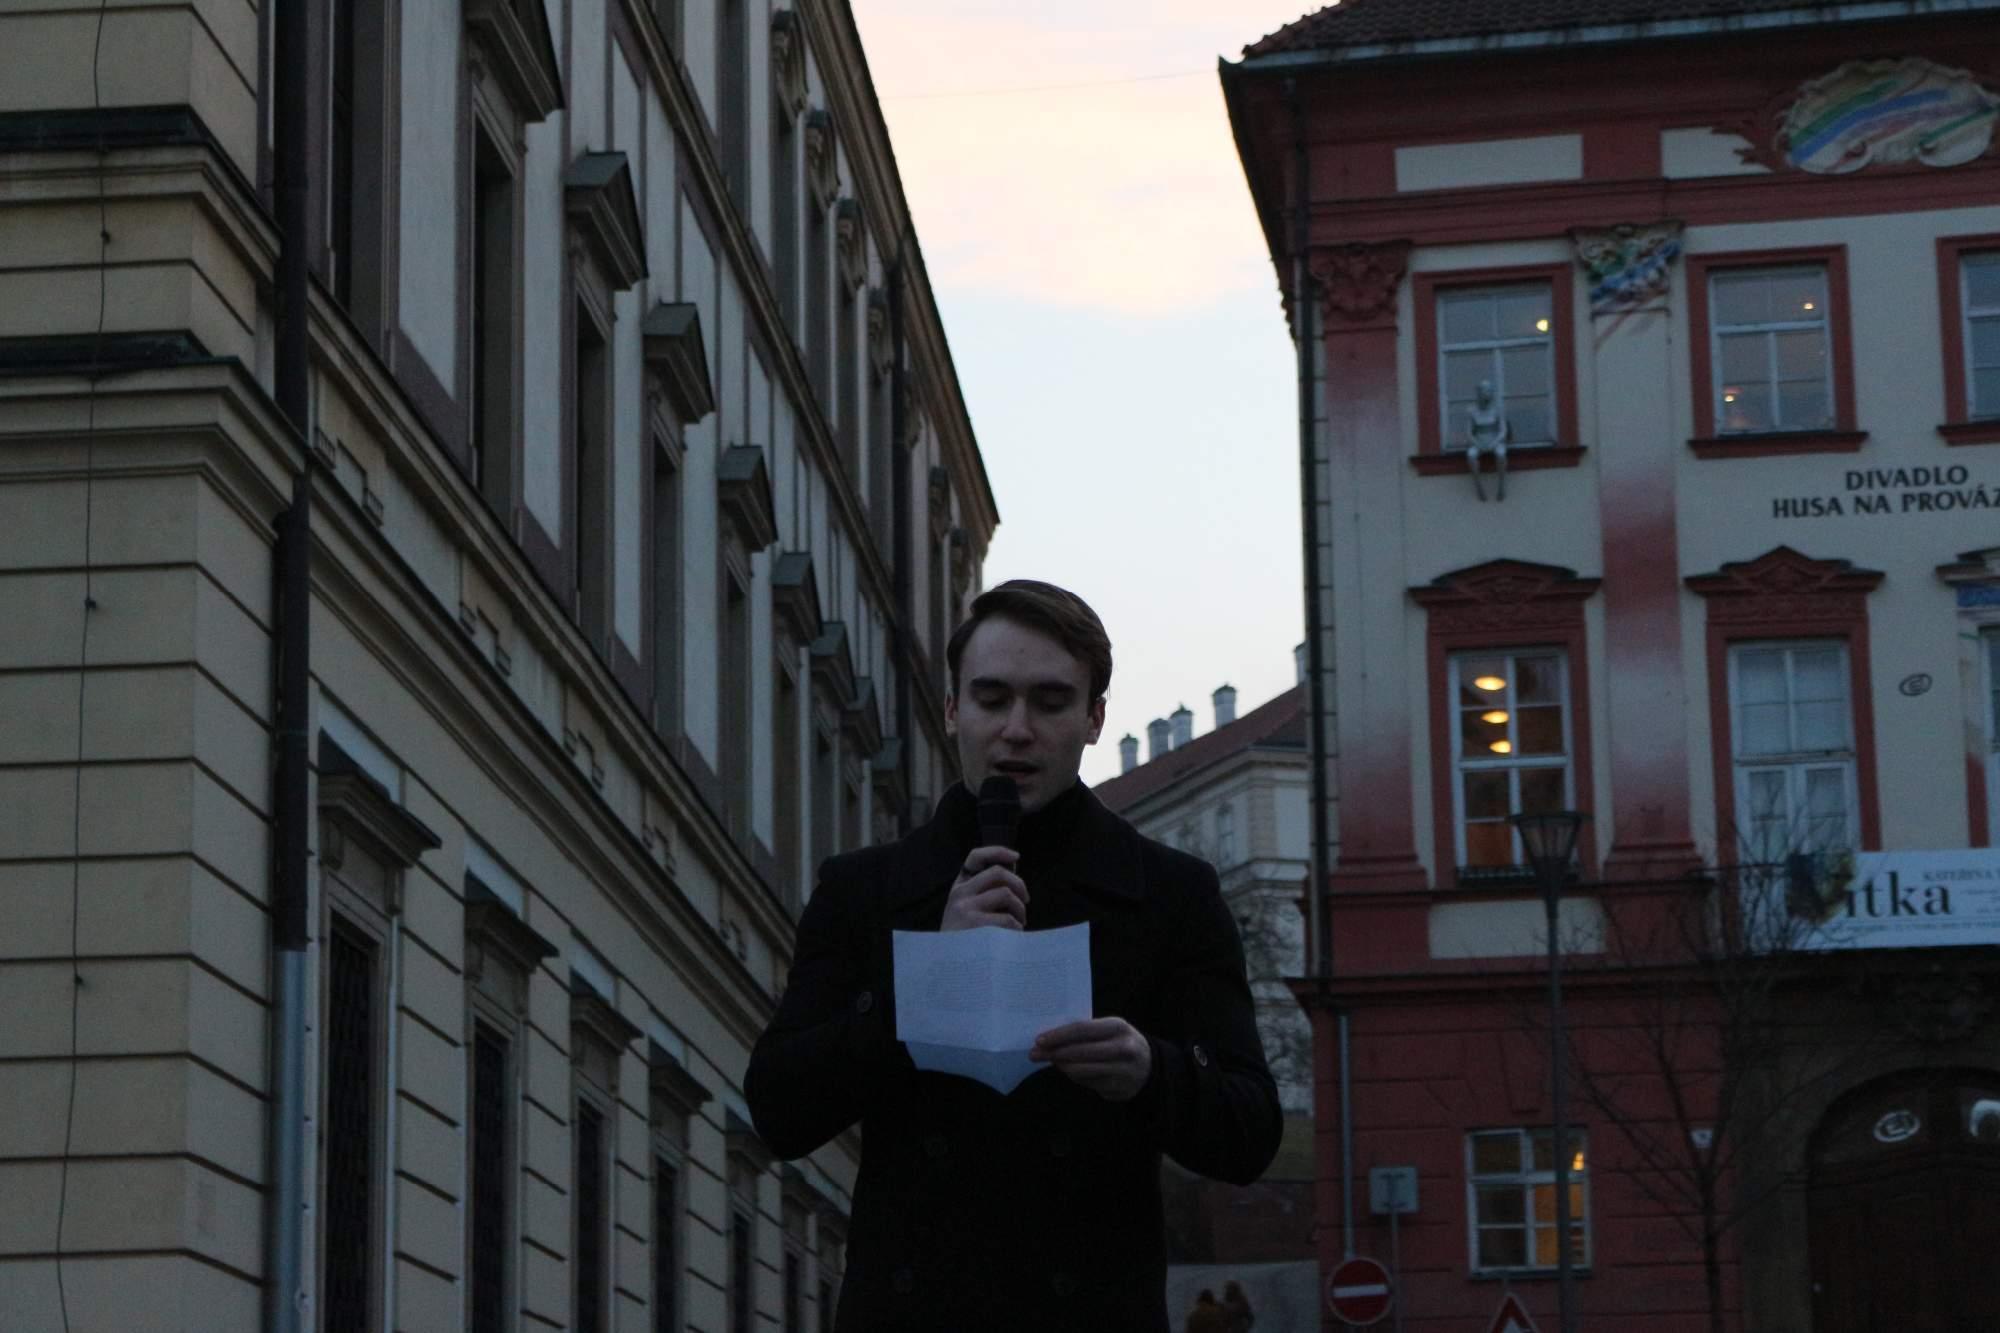 Novinárov prišiel podporiť aj stredoškolský študent Vojtěch Vágner. Mladý gymnazista spomenul aj výrok prezidenta Zemana, ktorý povedal, že novinári by sa mali likvidovať. Foto: Simona Gálová